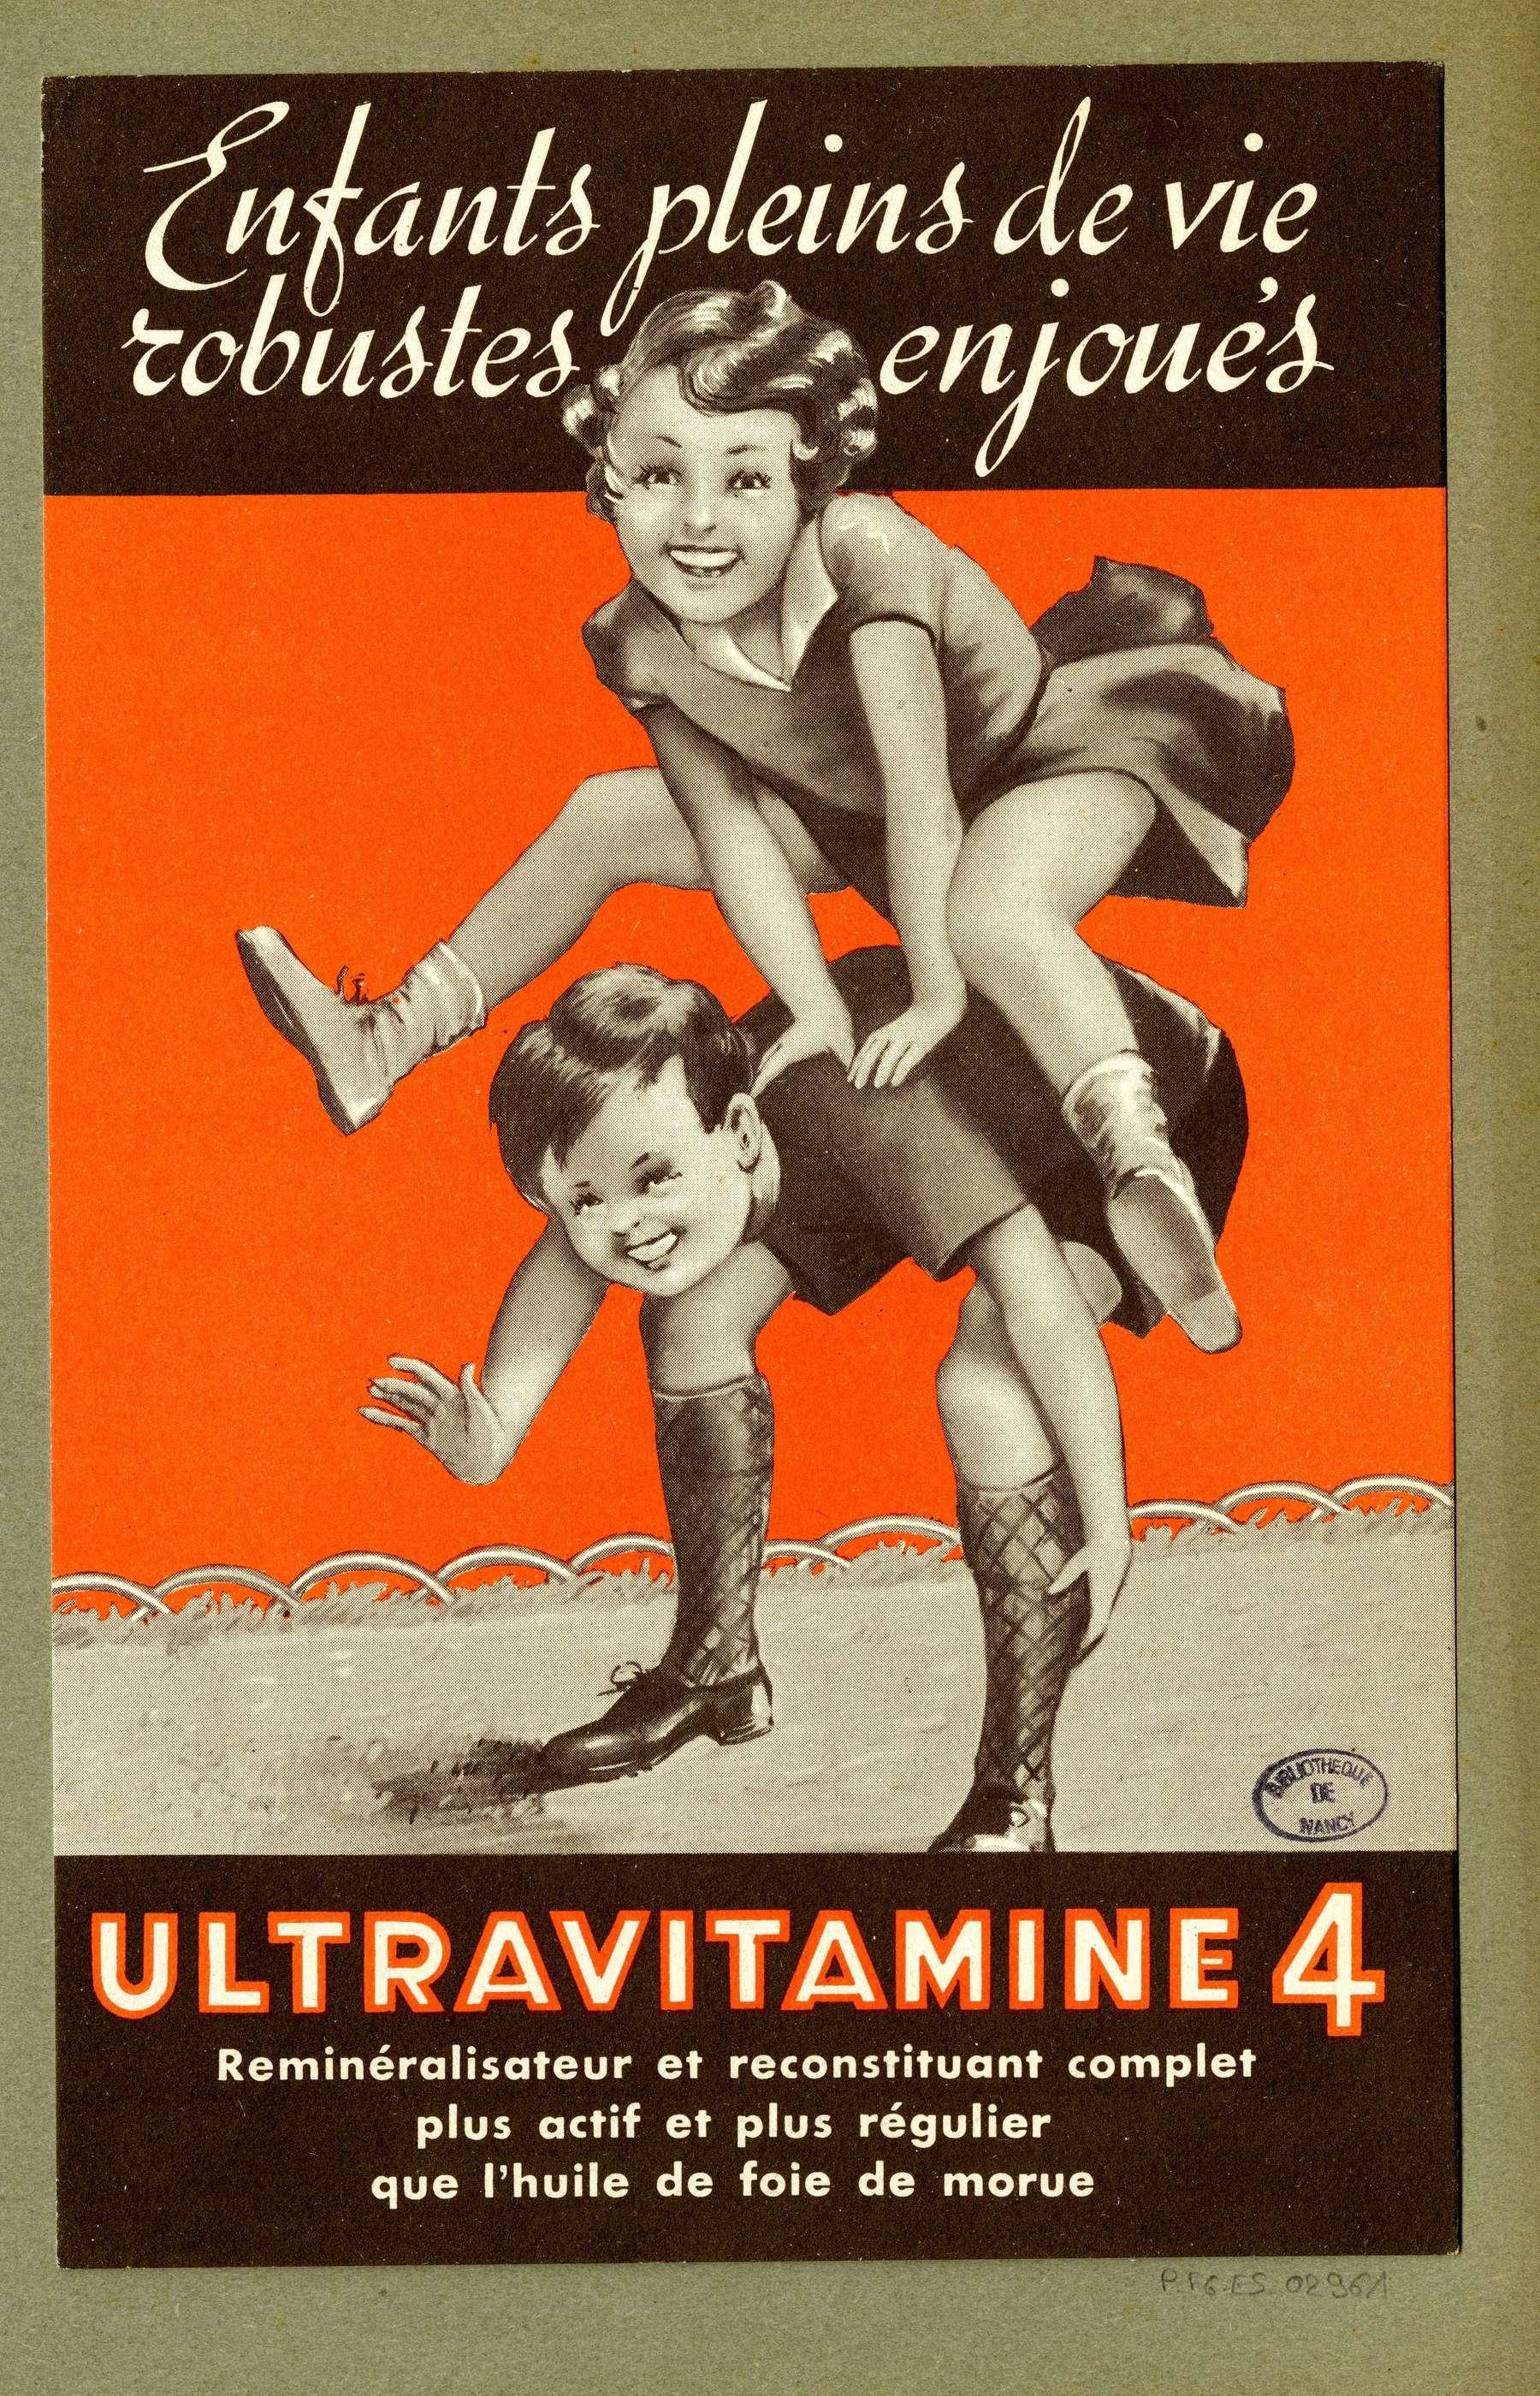 Contenu du Ultravitamine 4